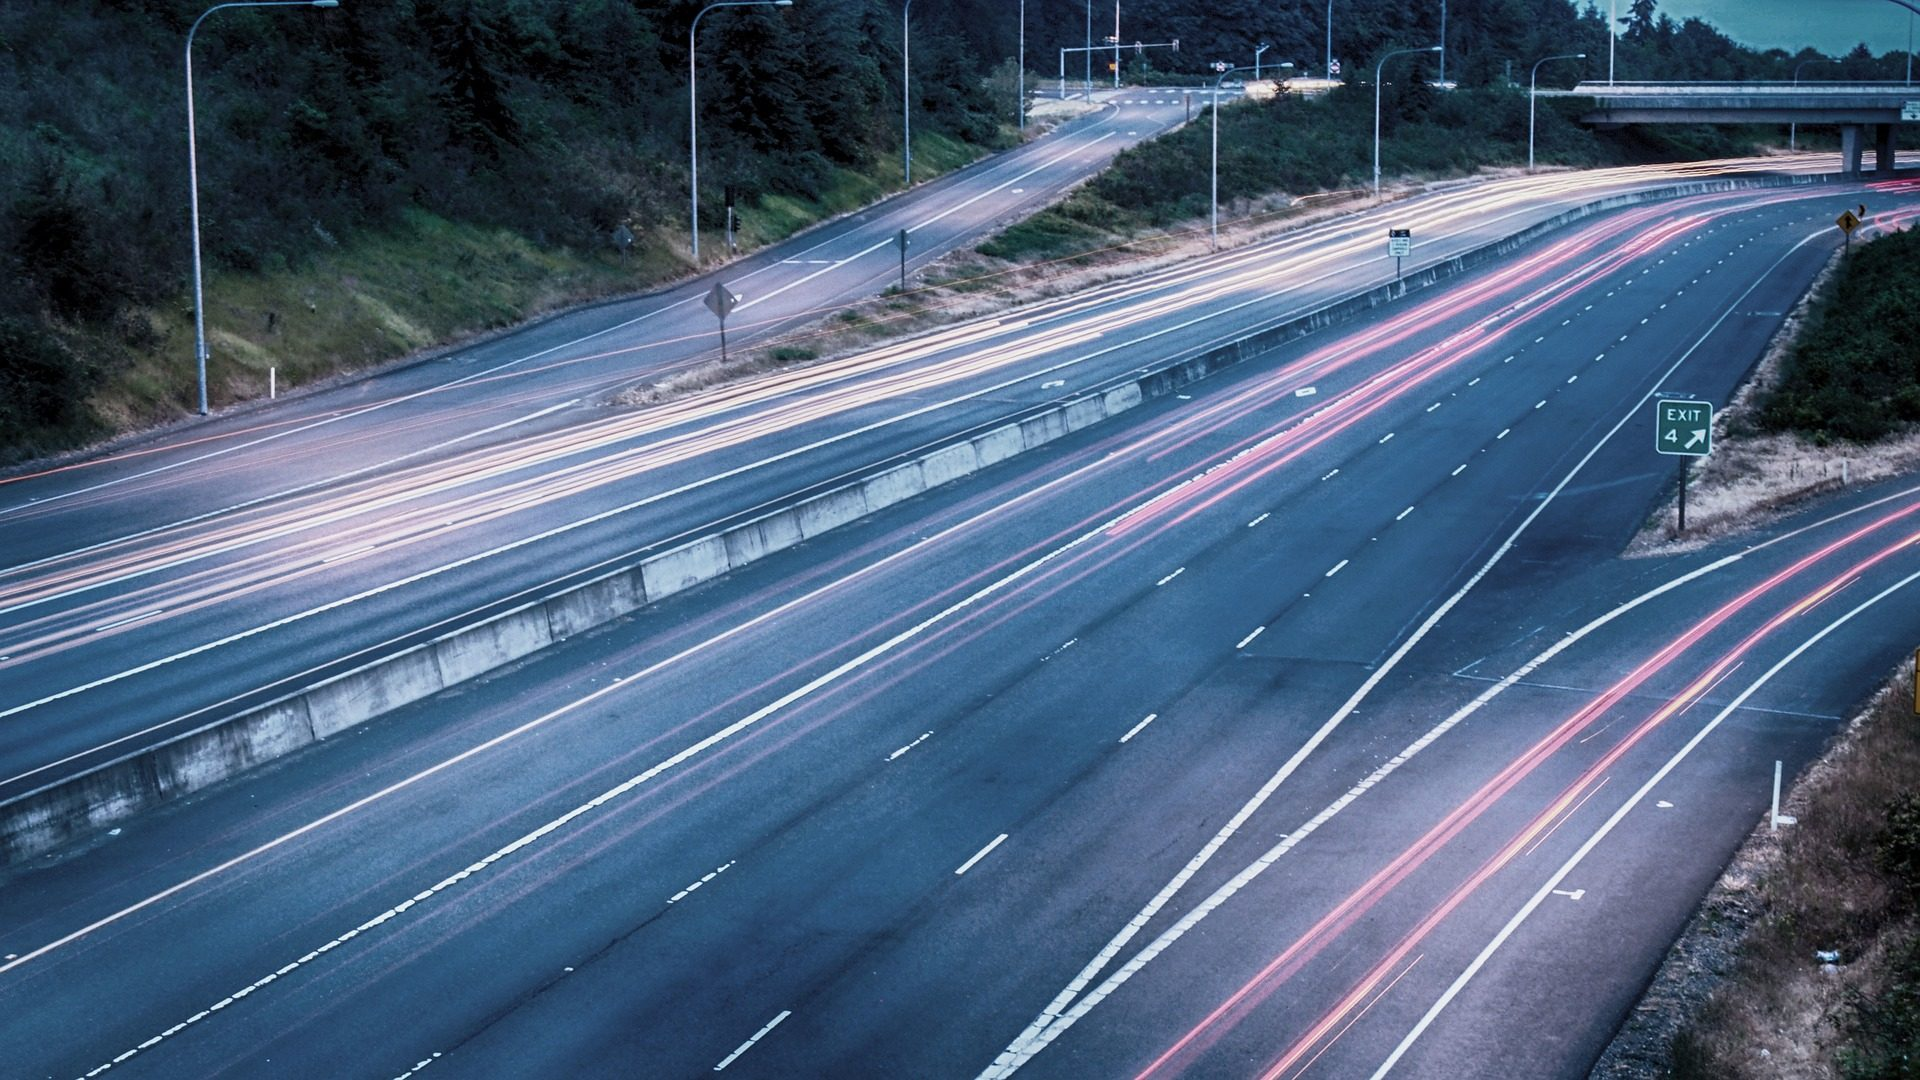 Autoestrada, Estrada, luzes, veículos, velocidade - Papéis de parede HD - Professor-falken.com